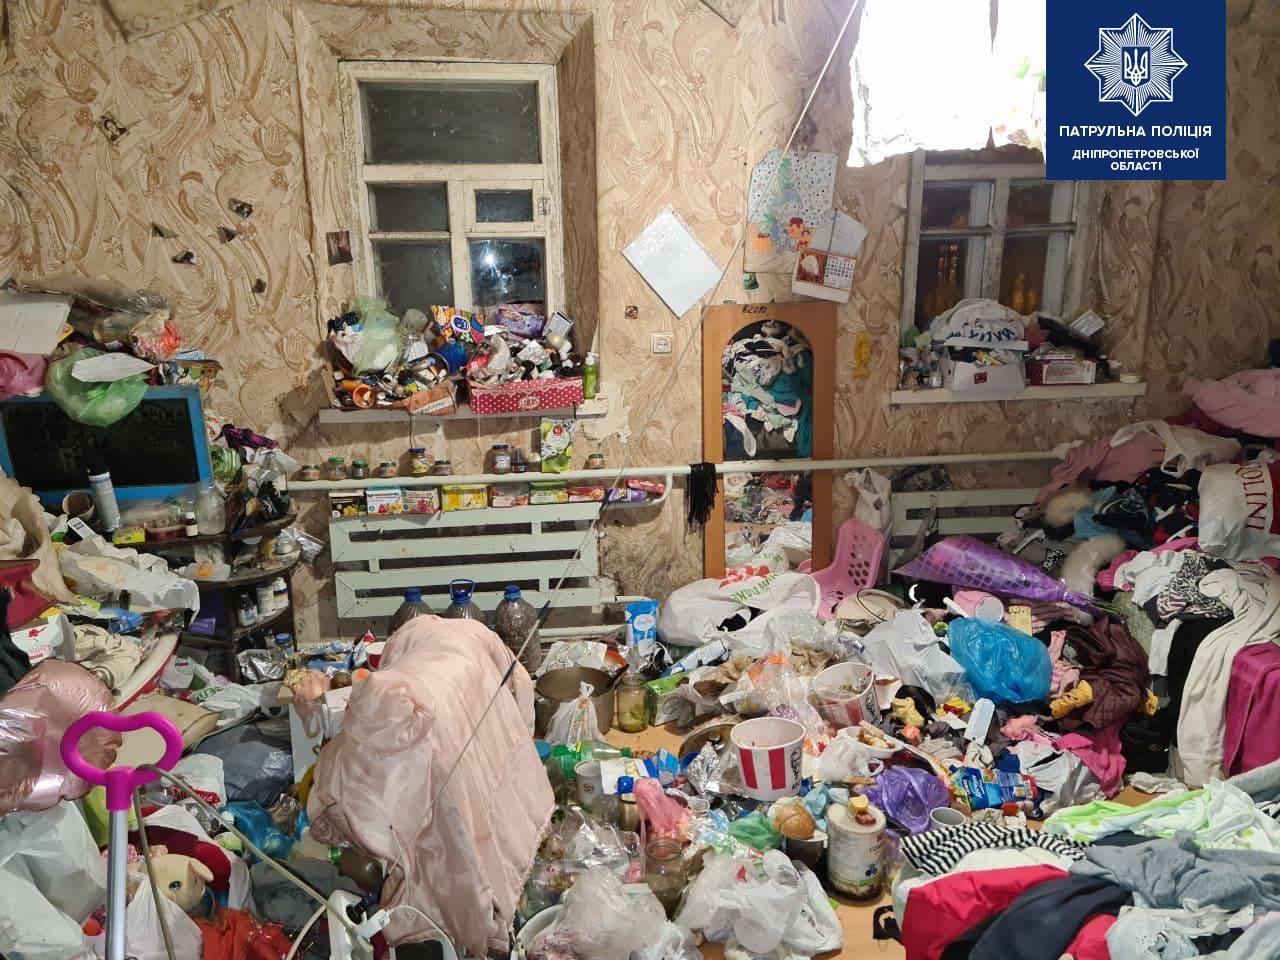 Дети в Днепре жили несколько лет в нечеловеческих условиях среди мусора: соцслужба катастрофы не видит